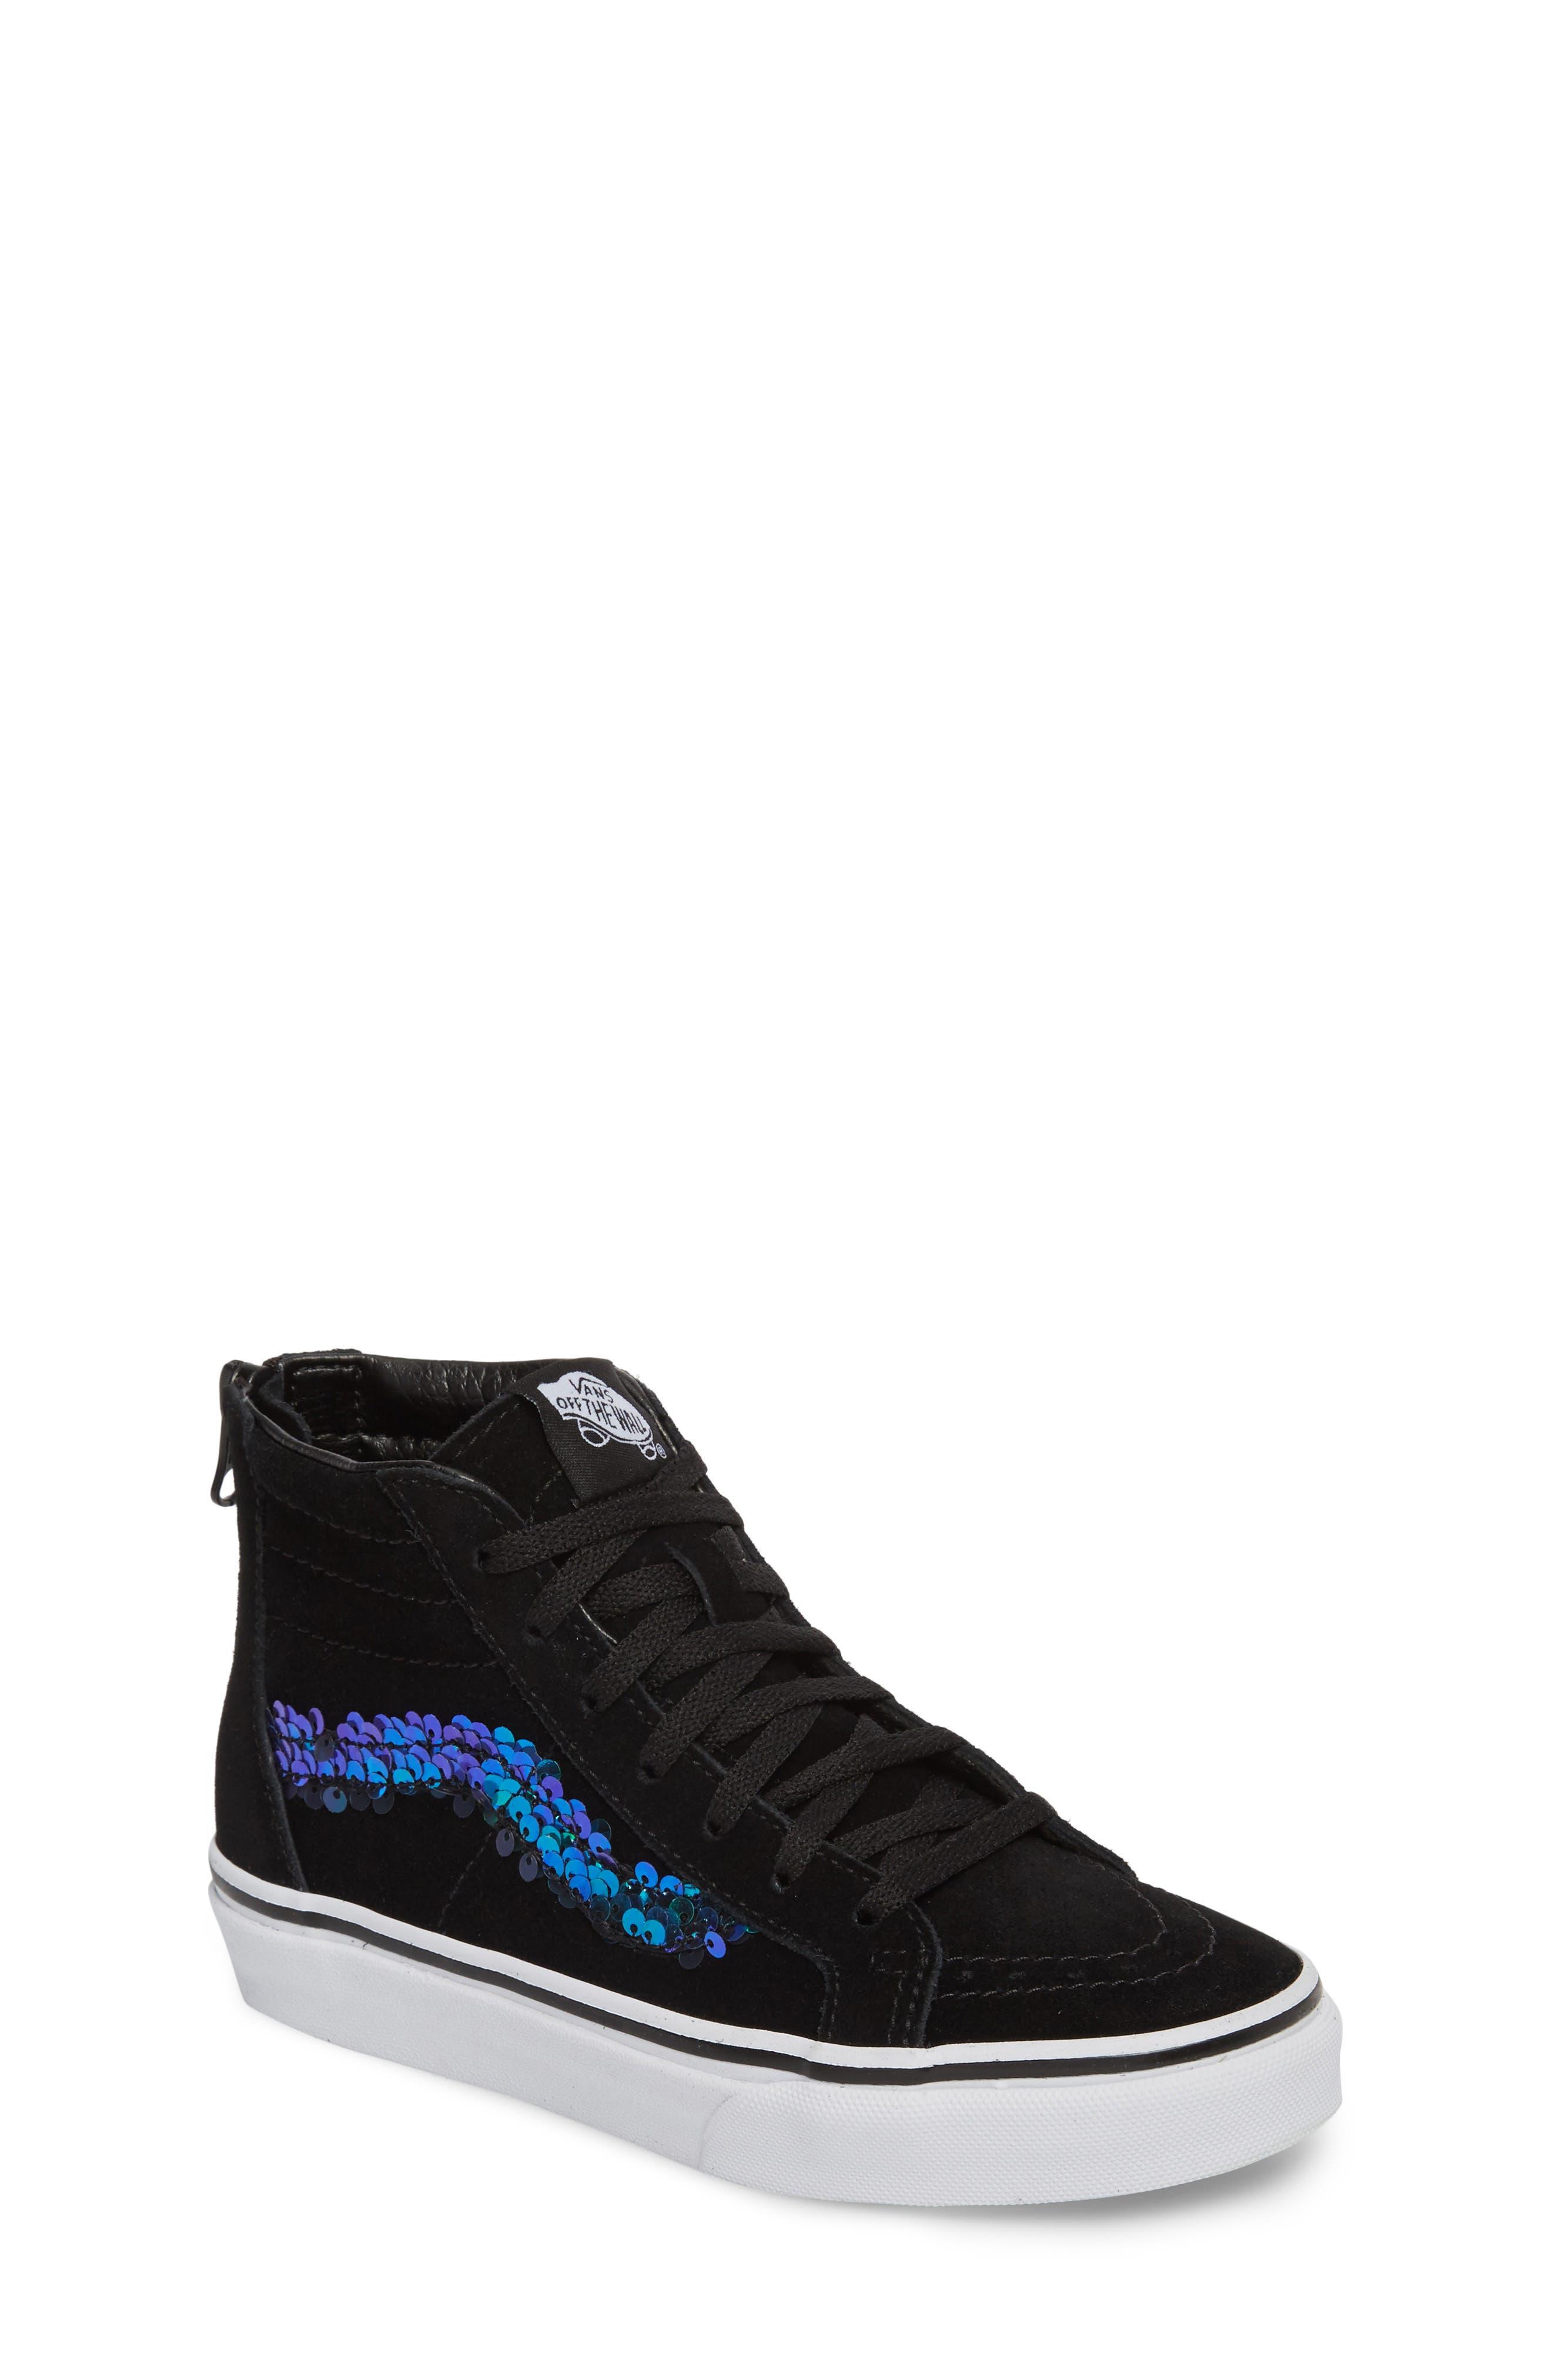 Vans Sk8-Hi Zip Sequin Stripe High Top Sneaker (Toddler, Little Kid & Big Kid)